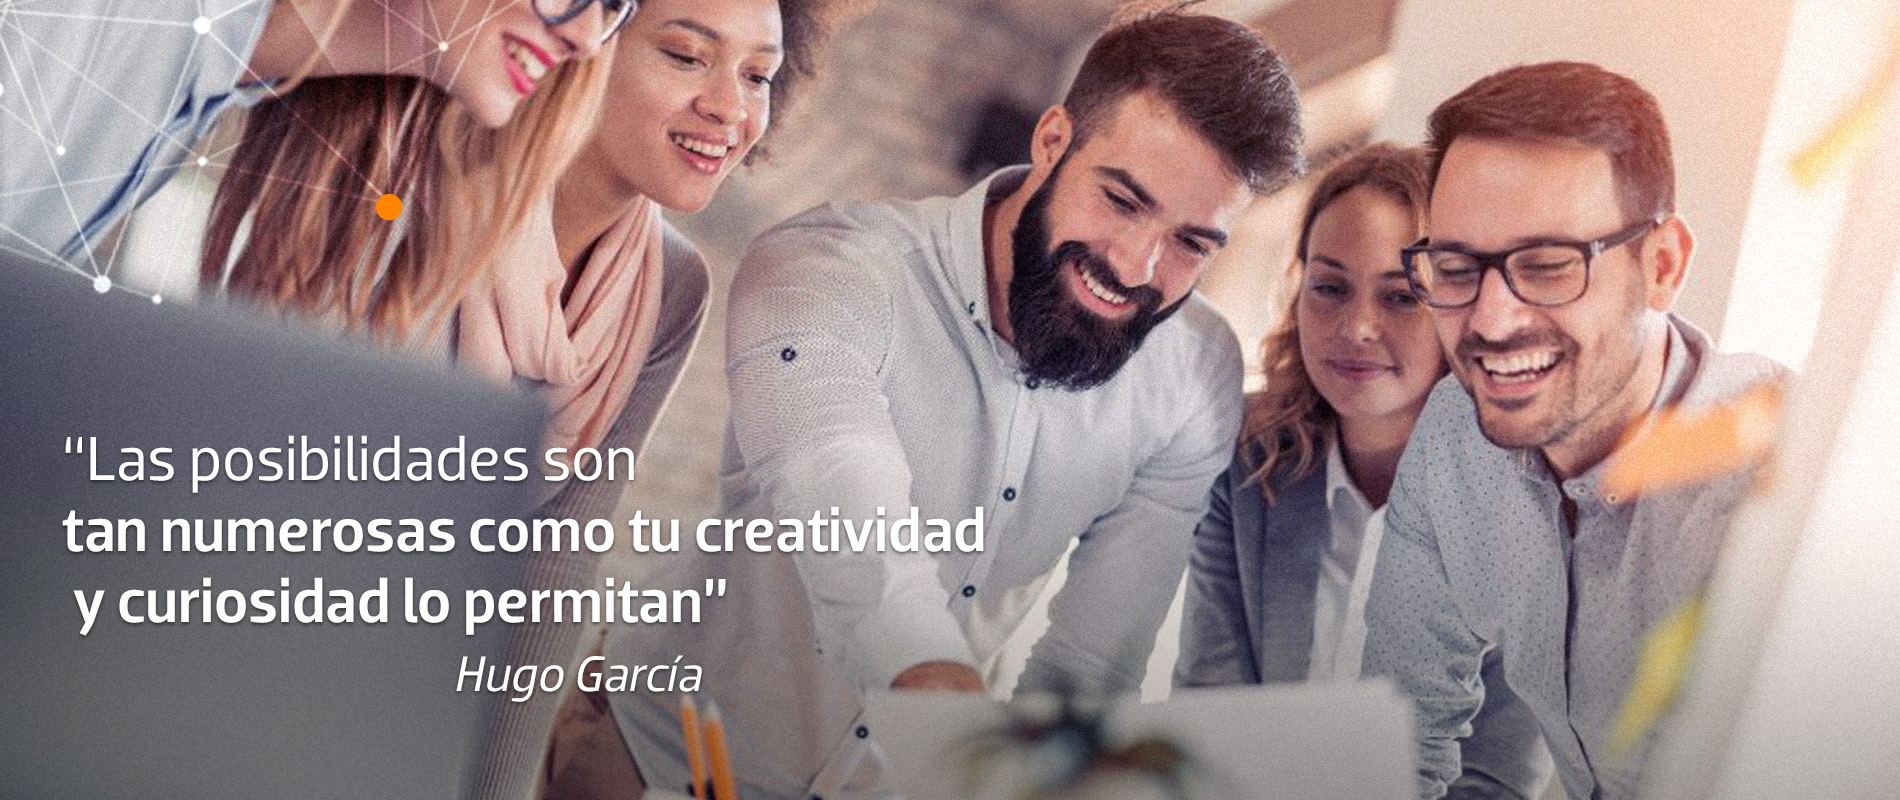 banner creatividad